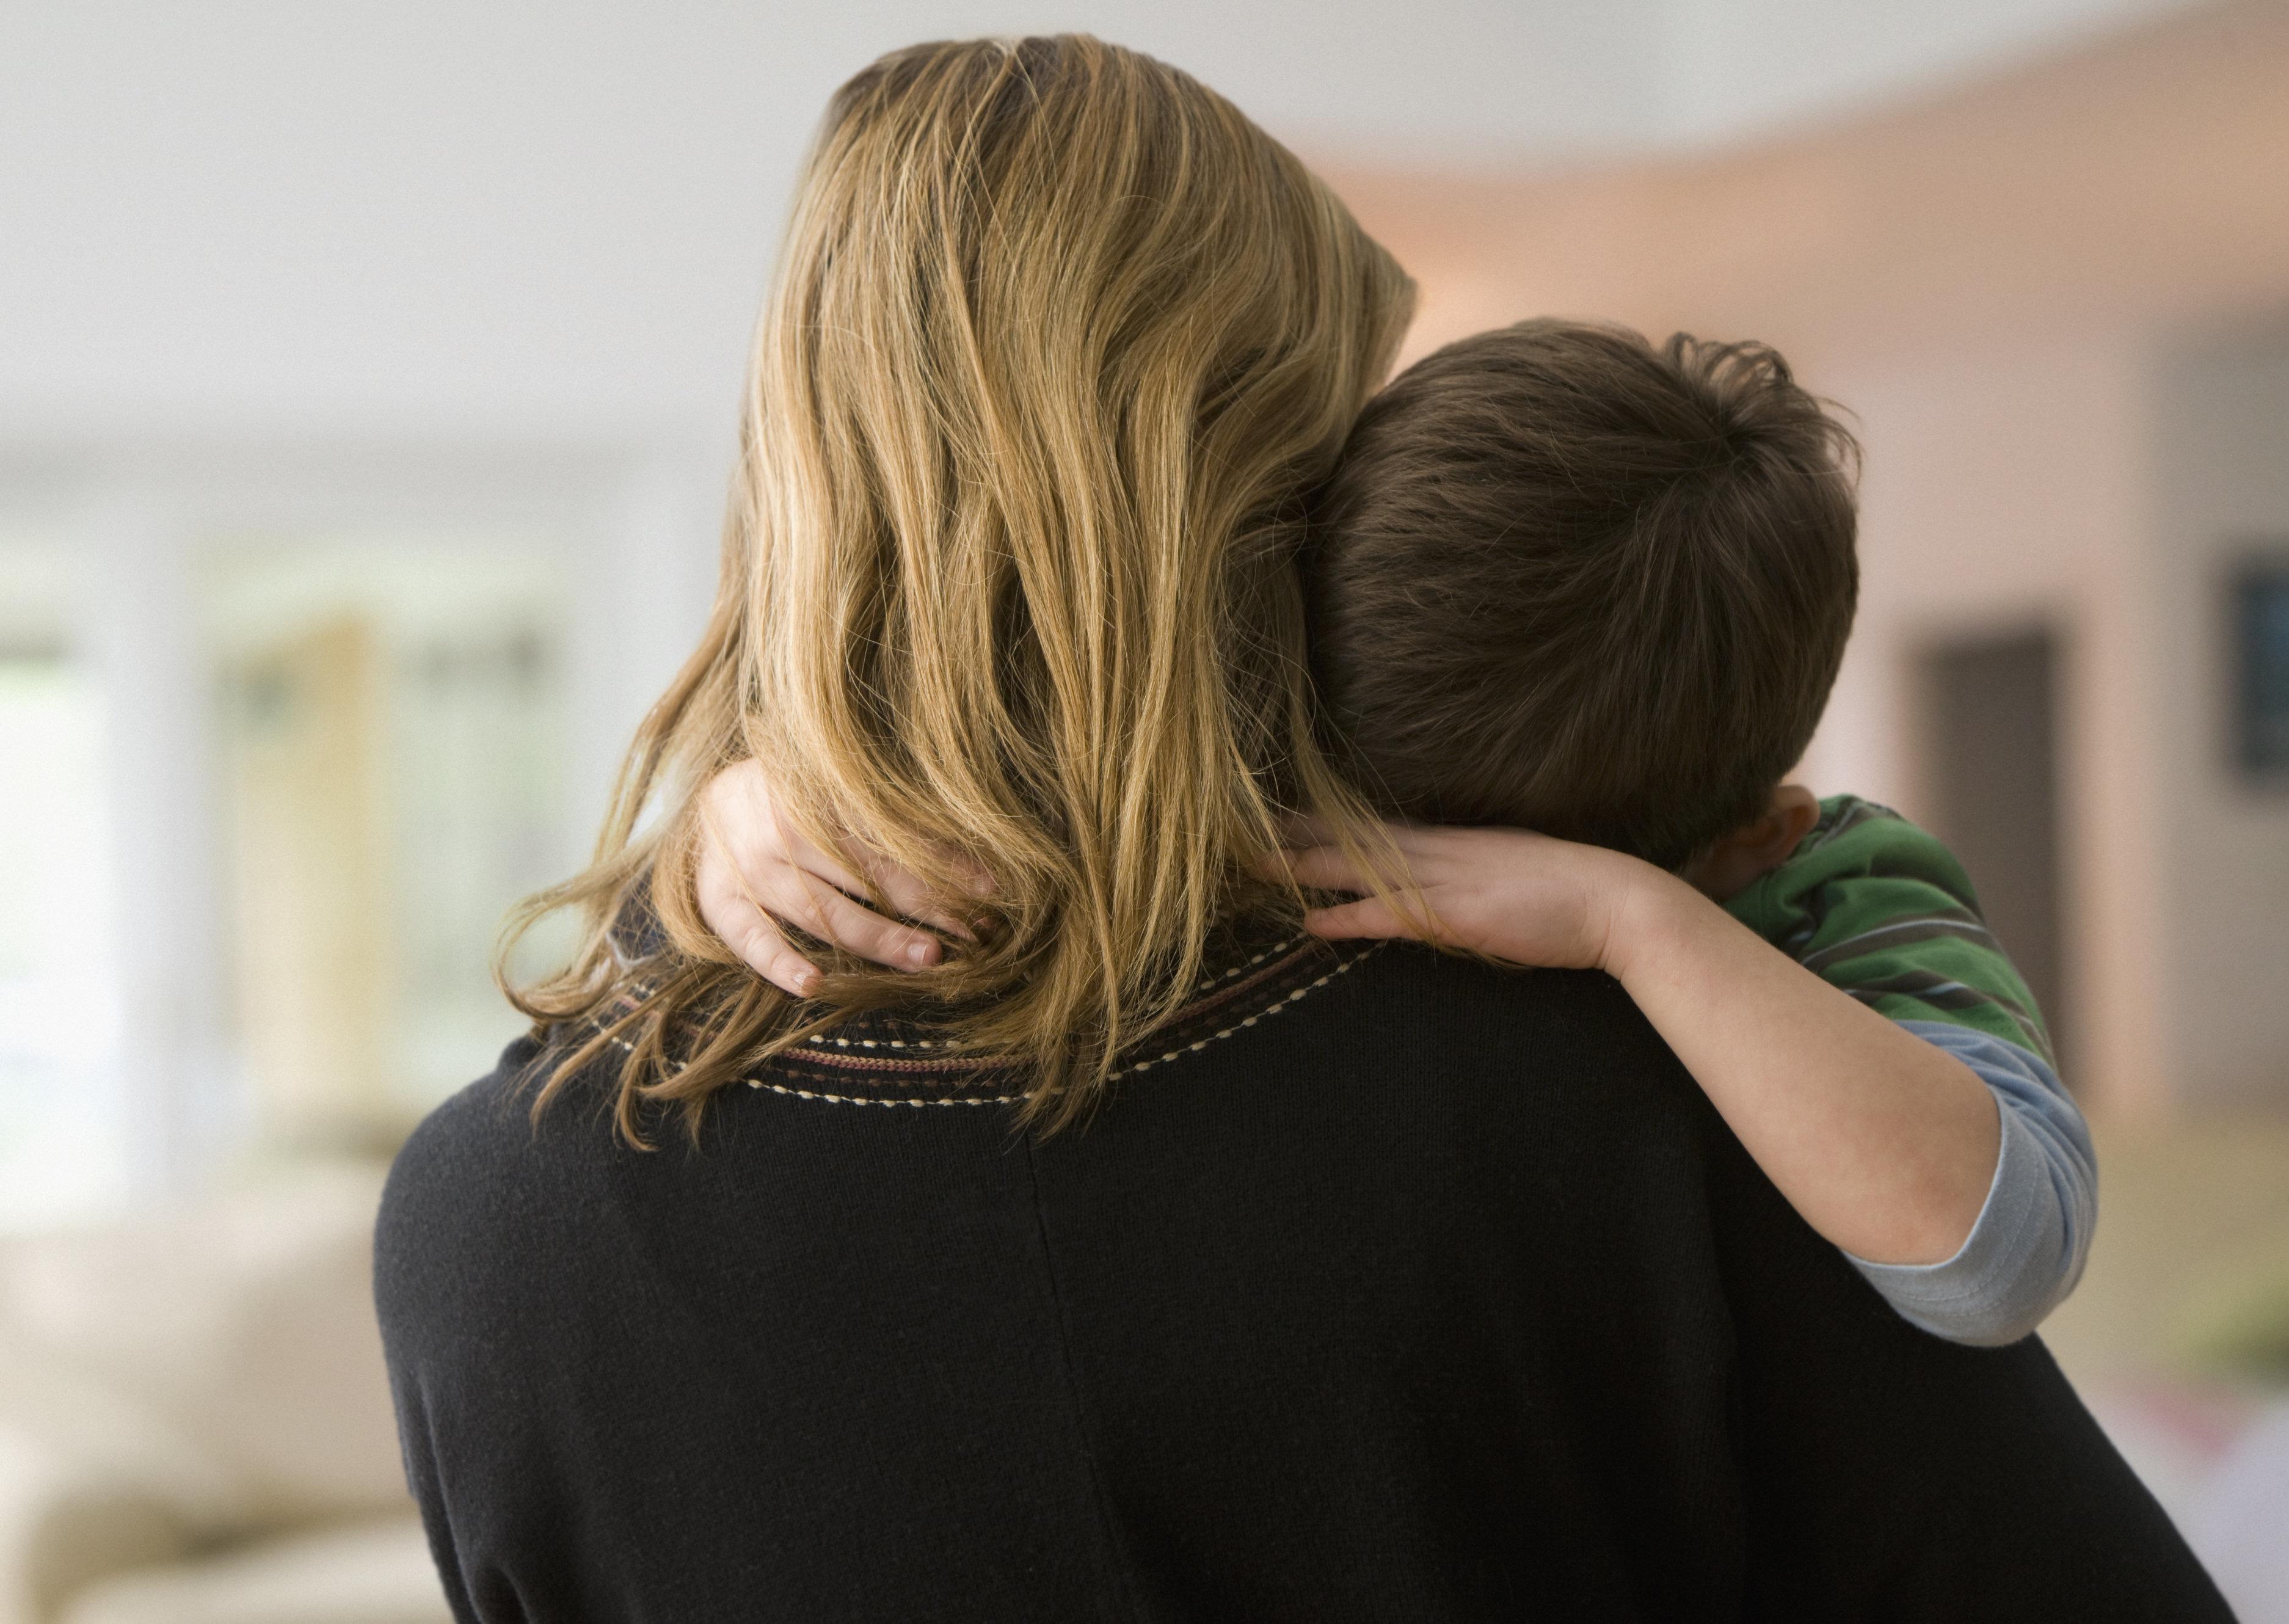 Mein Kind sollte in Frankreich aufwachsen – auch weil Mütter in Deutschland unfair behandelt werden